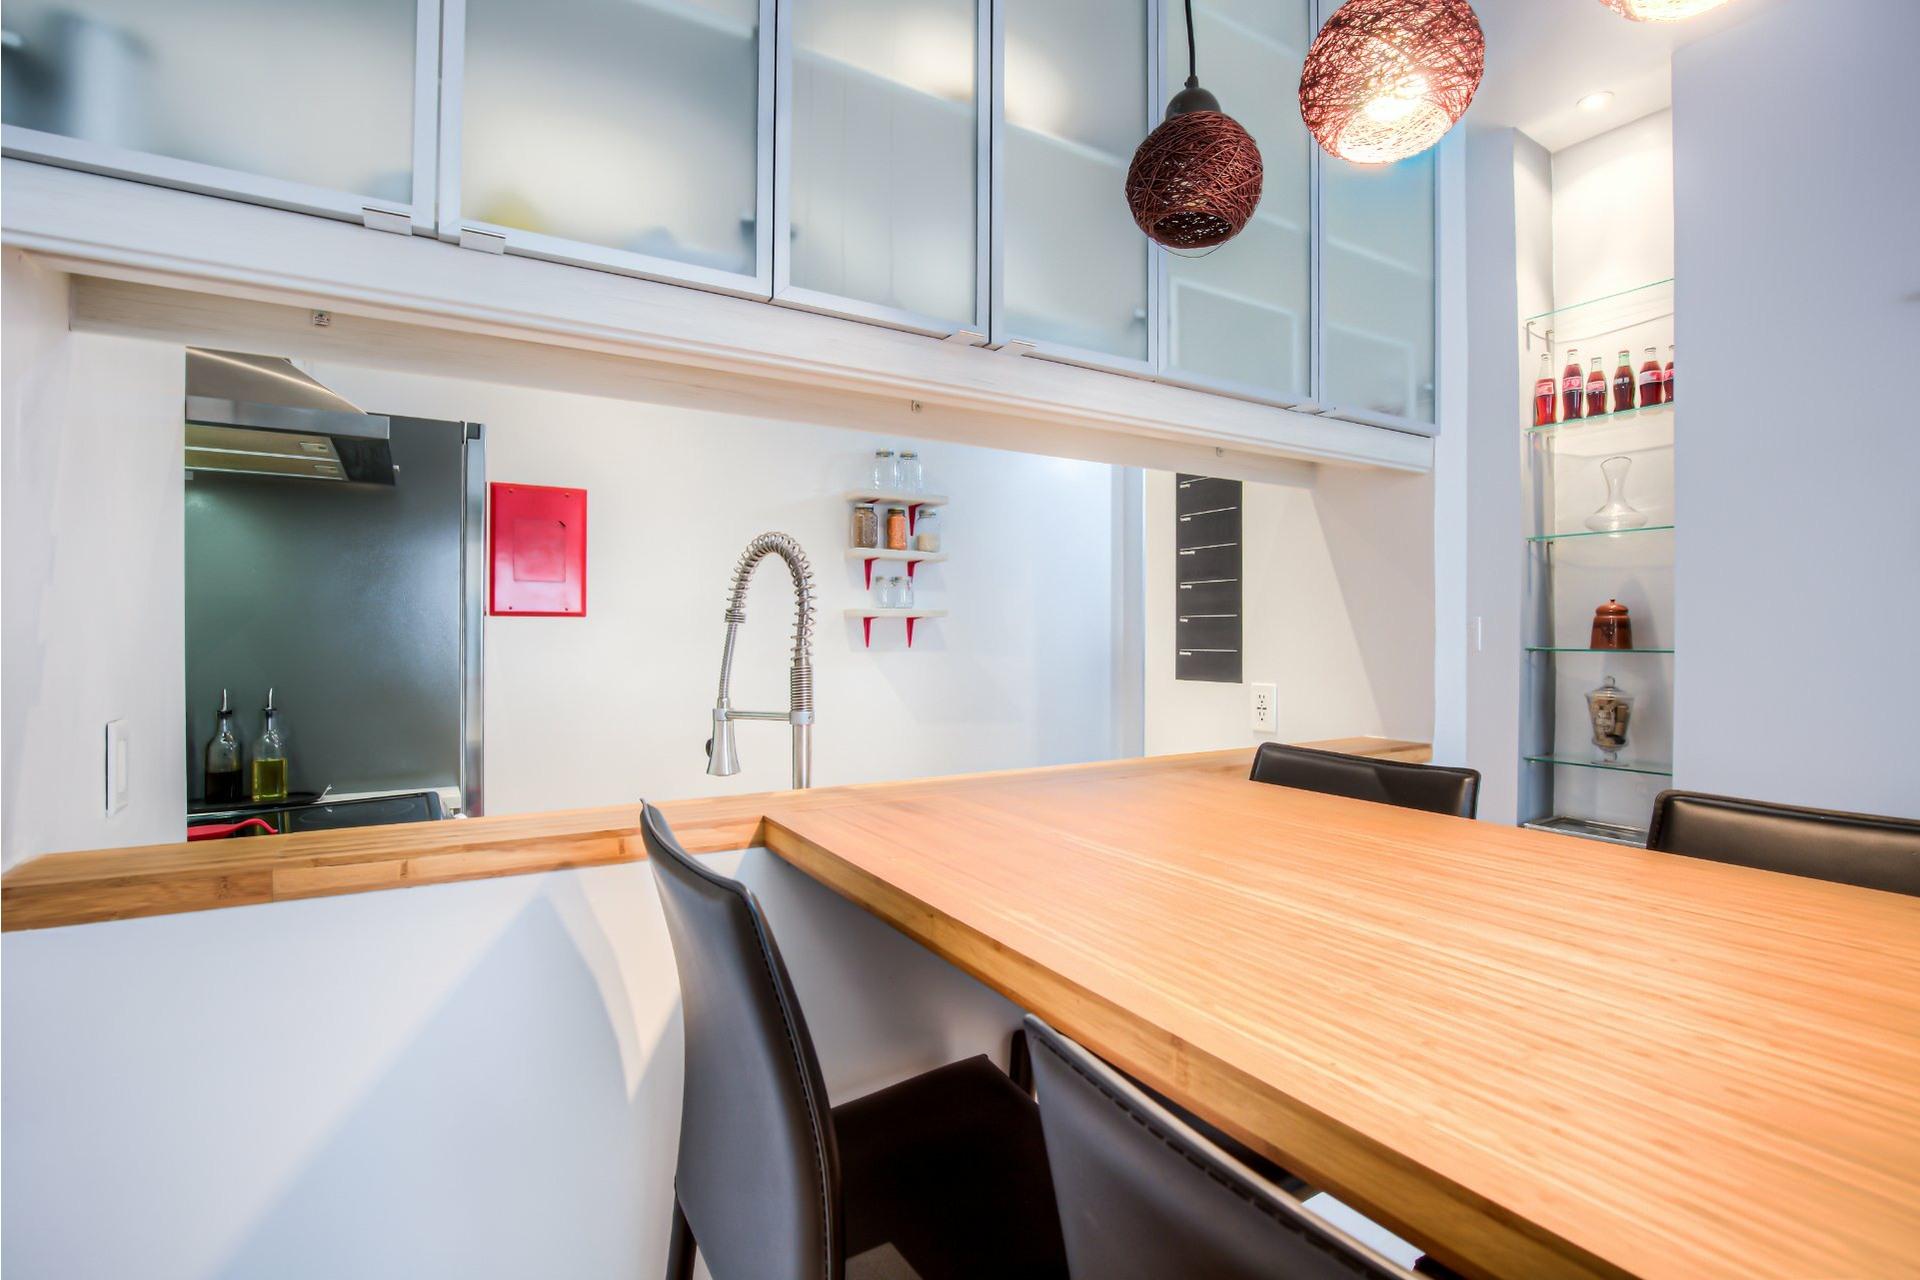 image 5 - Apartment For sale Ville-Marie Montréal  - 4 rooms